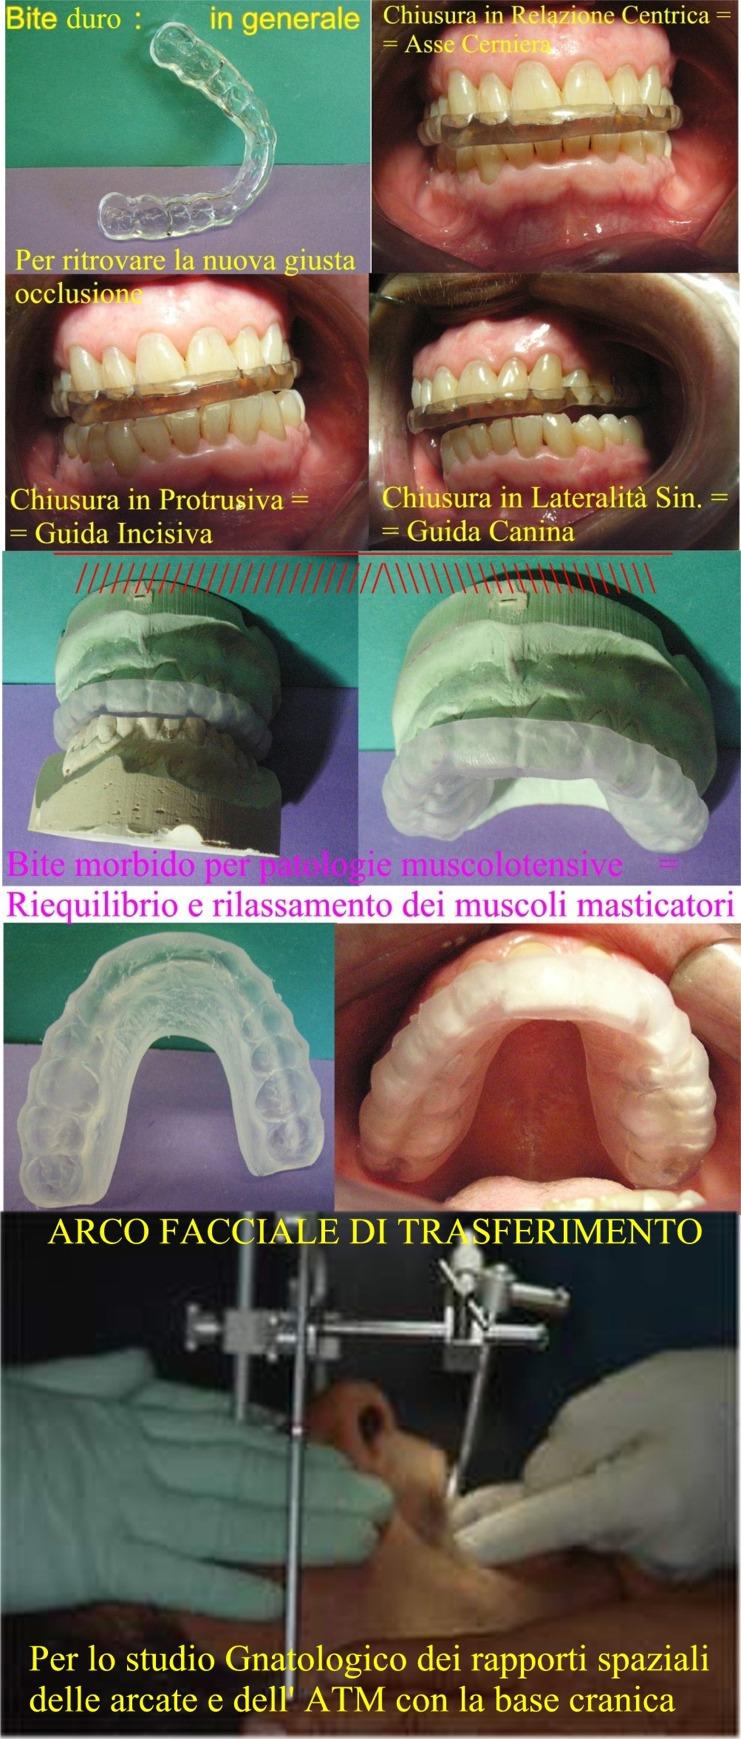 Diversi tipi di Bite ed Arco Facciale di Trasferimento. Da casistica Gnatologica del Dr. Gustavo Petti Parodontologo Gnatologo di Cagliari